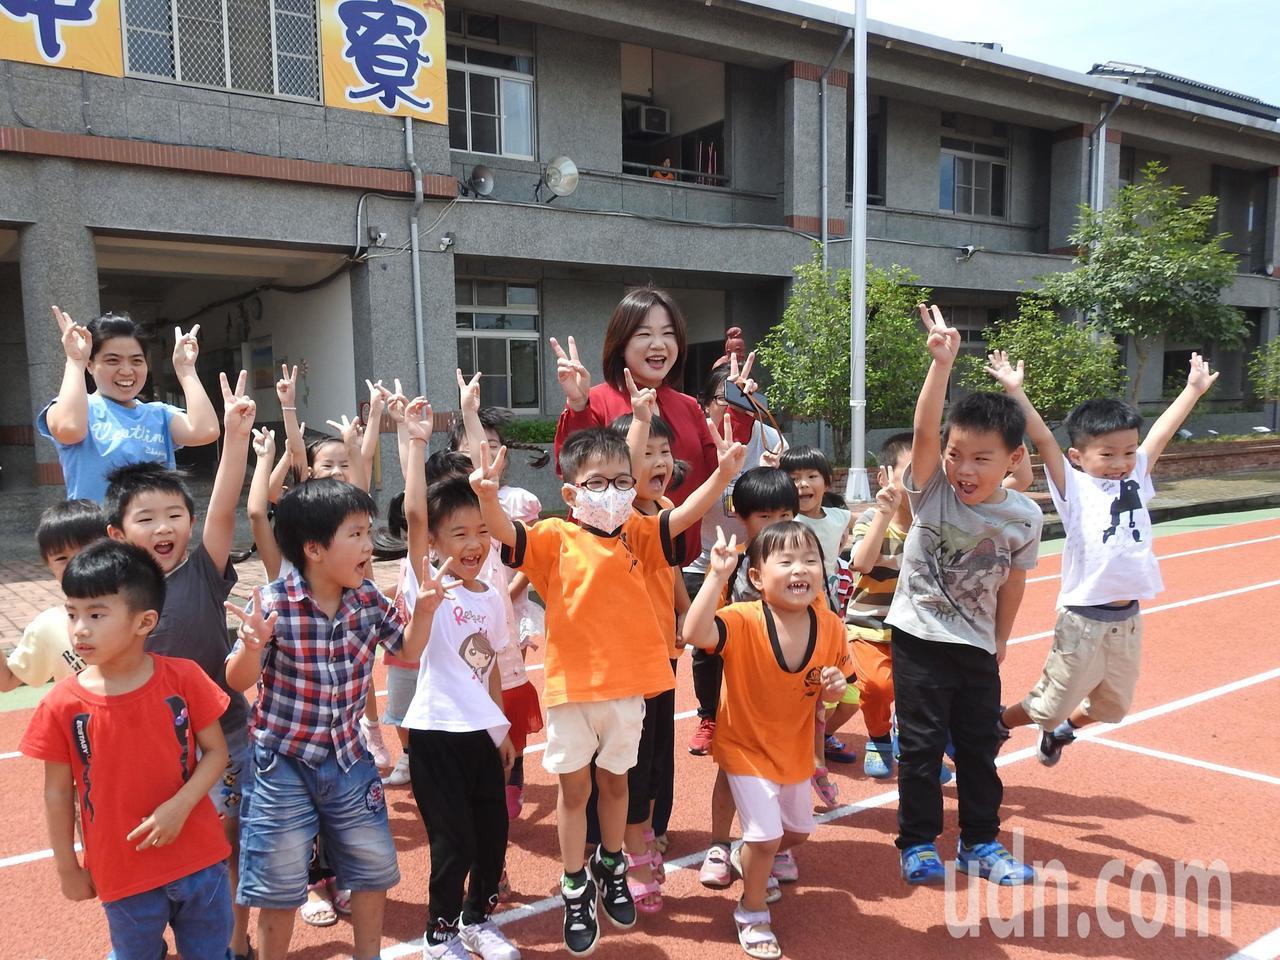 南投縣中寮國小操場PU跑道今落成啟用,校內學童開心的跳躍歡呼。記者賴香珊/攝影